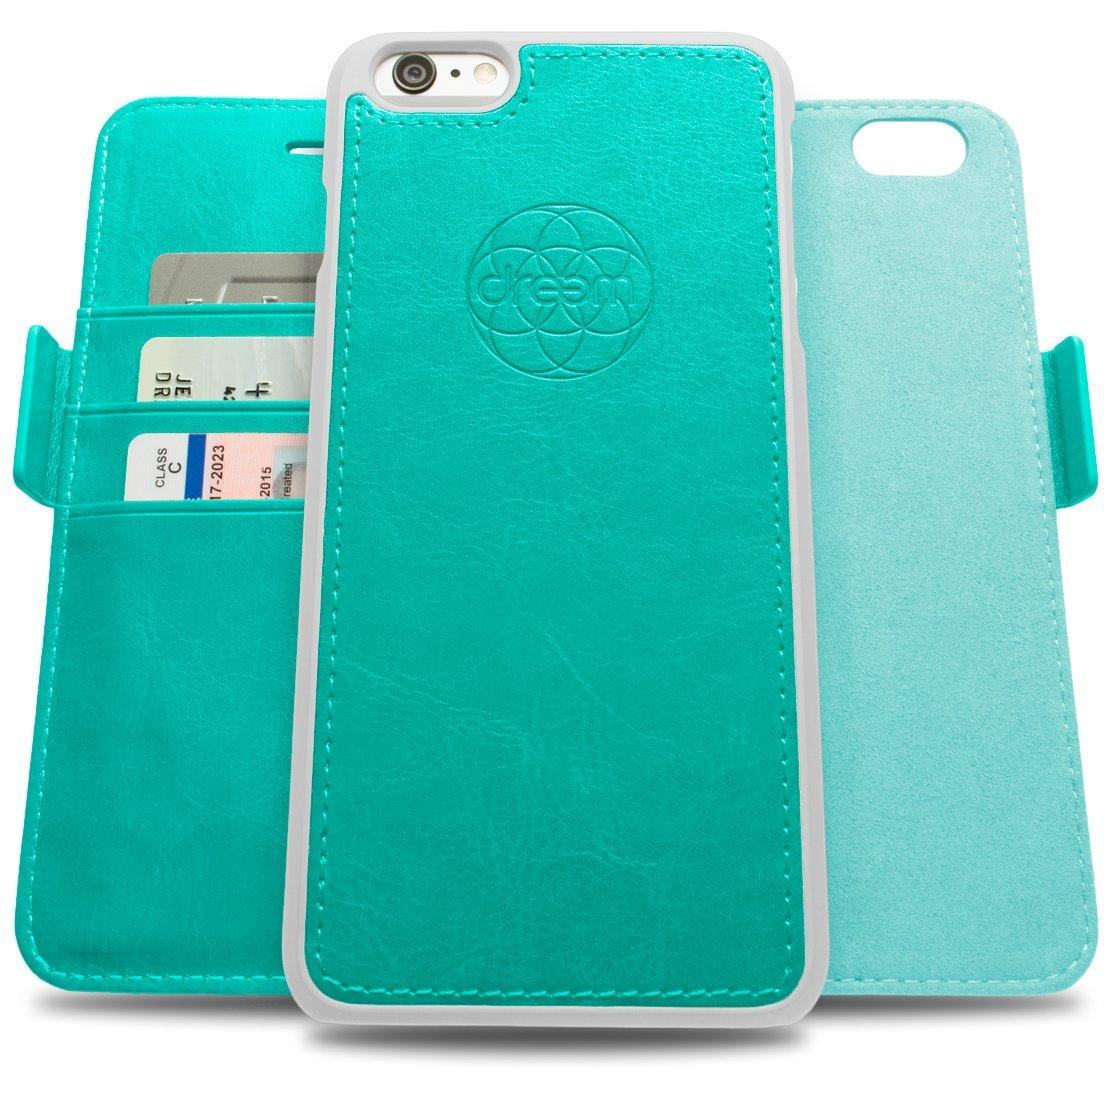 iphone 6s plus cases, iphone 6s plus case, best iphone 6s plus case, best iphone 6s plus cases, iphone 6s plus wallet case, iphone 6s plus wallet cases, best iphone 6s plus case